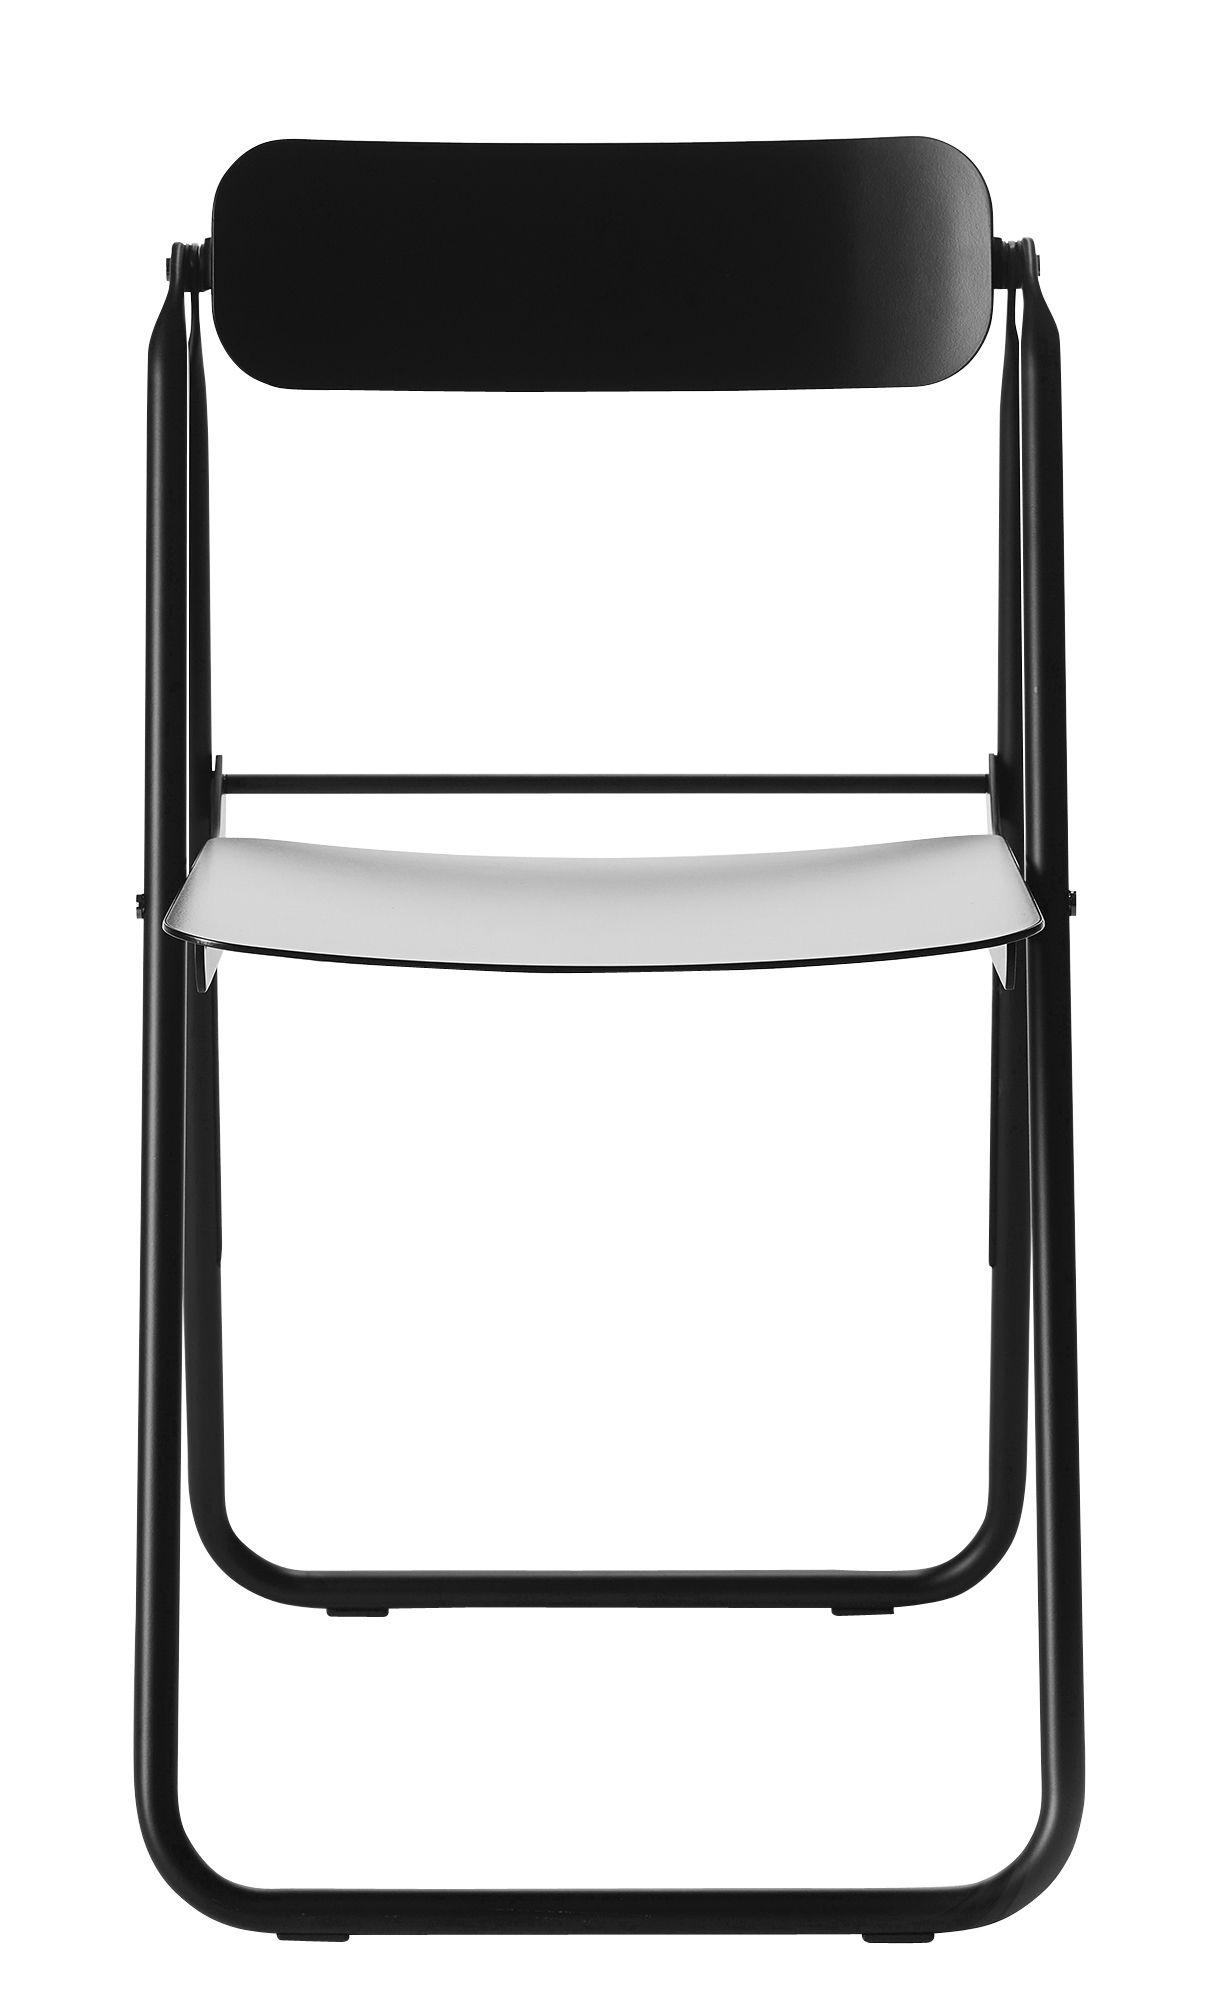 Mobilier - Chaises, fauteuils de salle à manger - Chaise pliante Con.Fort / Aluminium - Opinion Ciatti - Noir - Aluminium peint